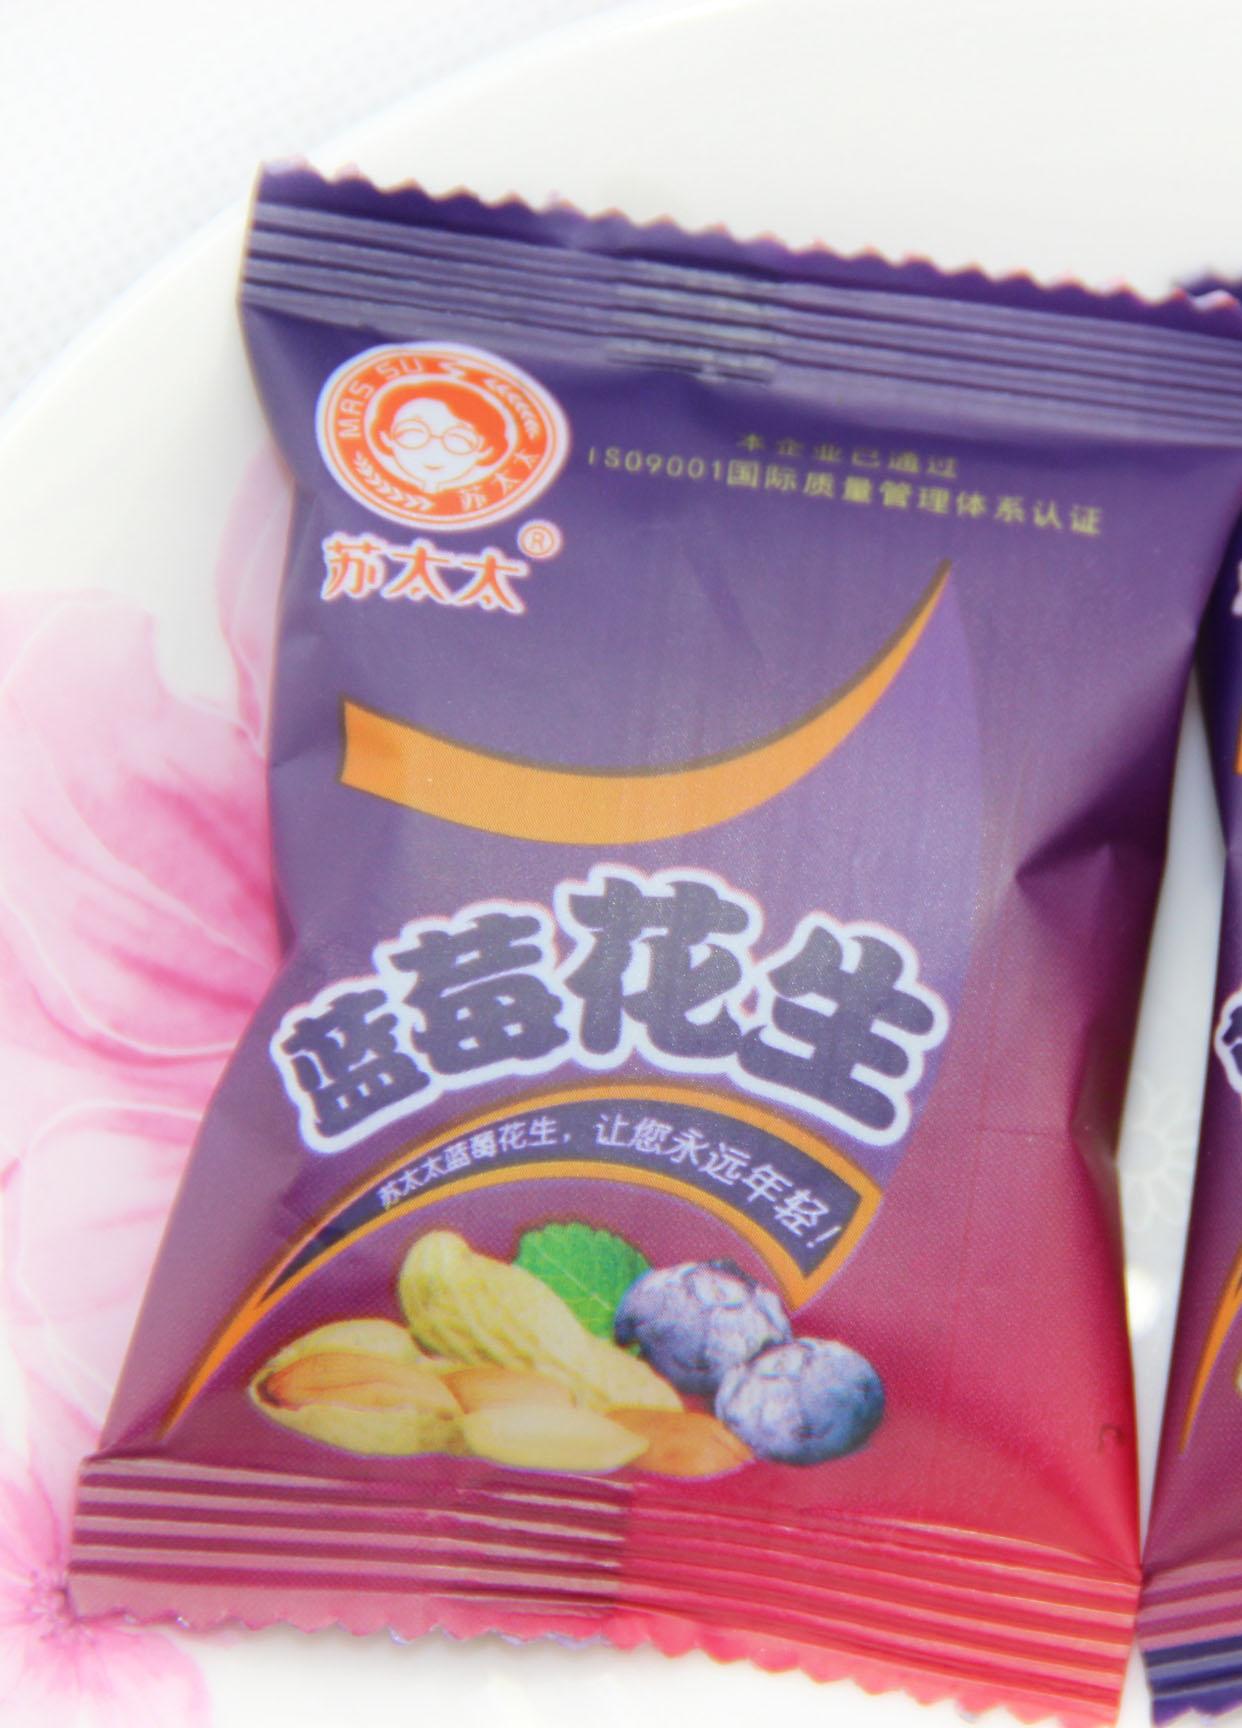 苏太太五香花生米采用国际最新保鲜技术,包装袋 采用